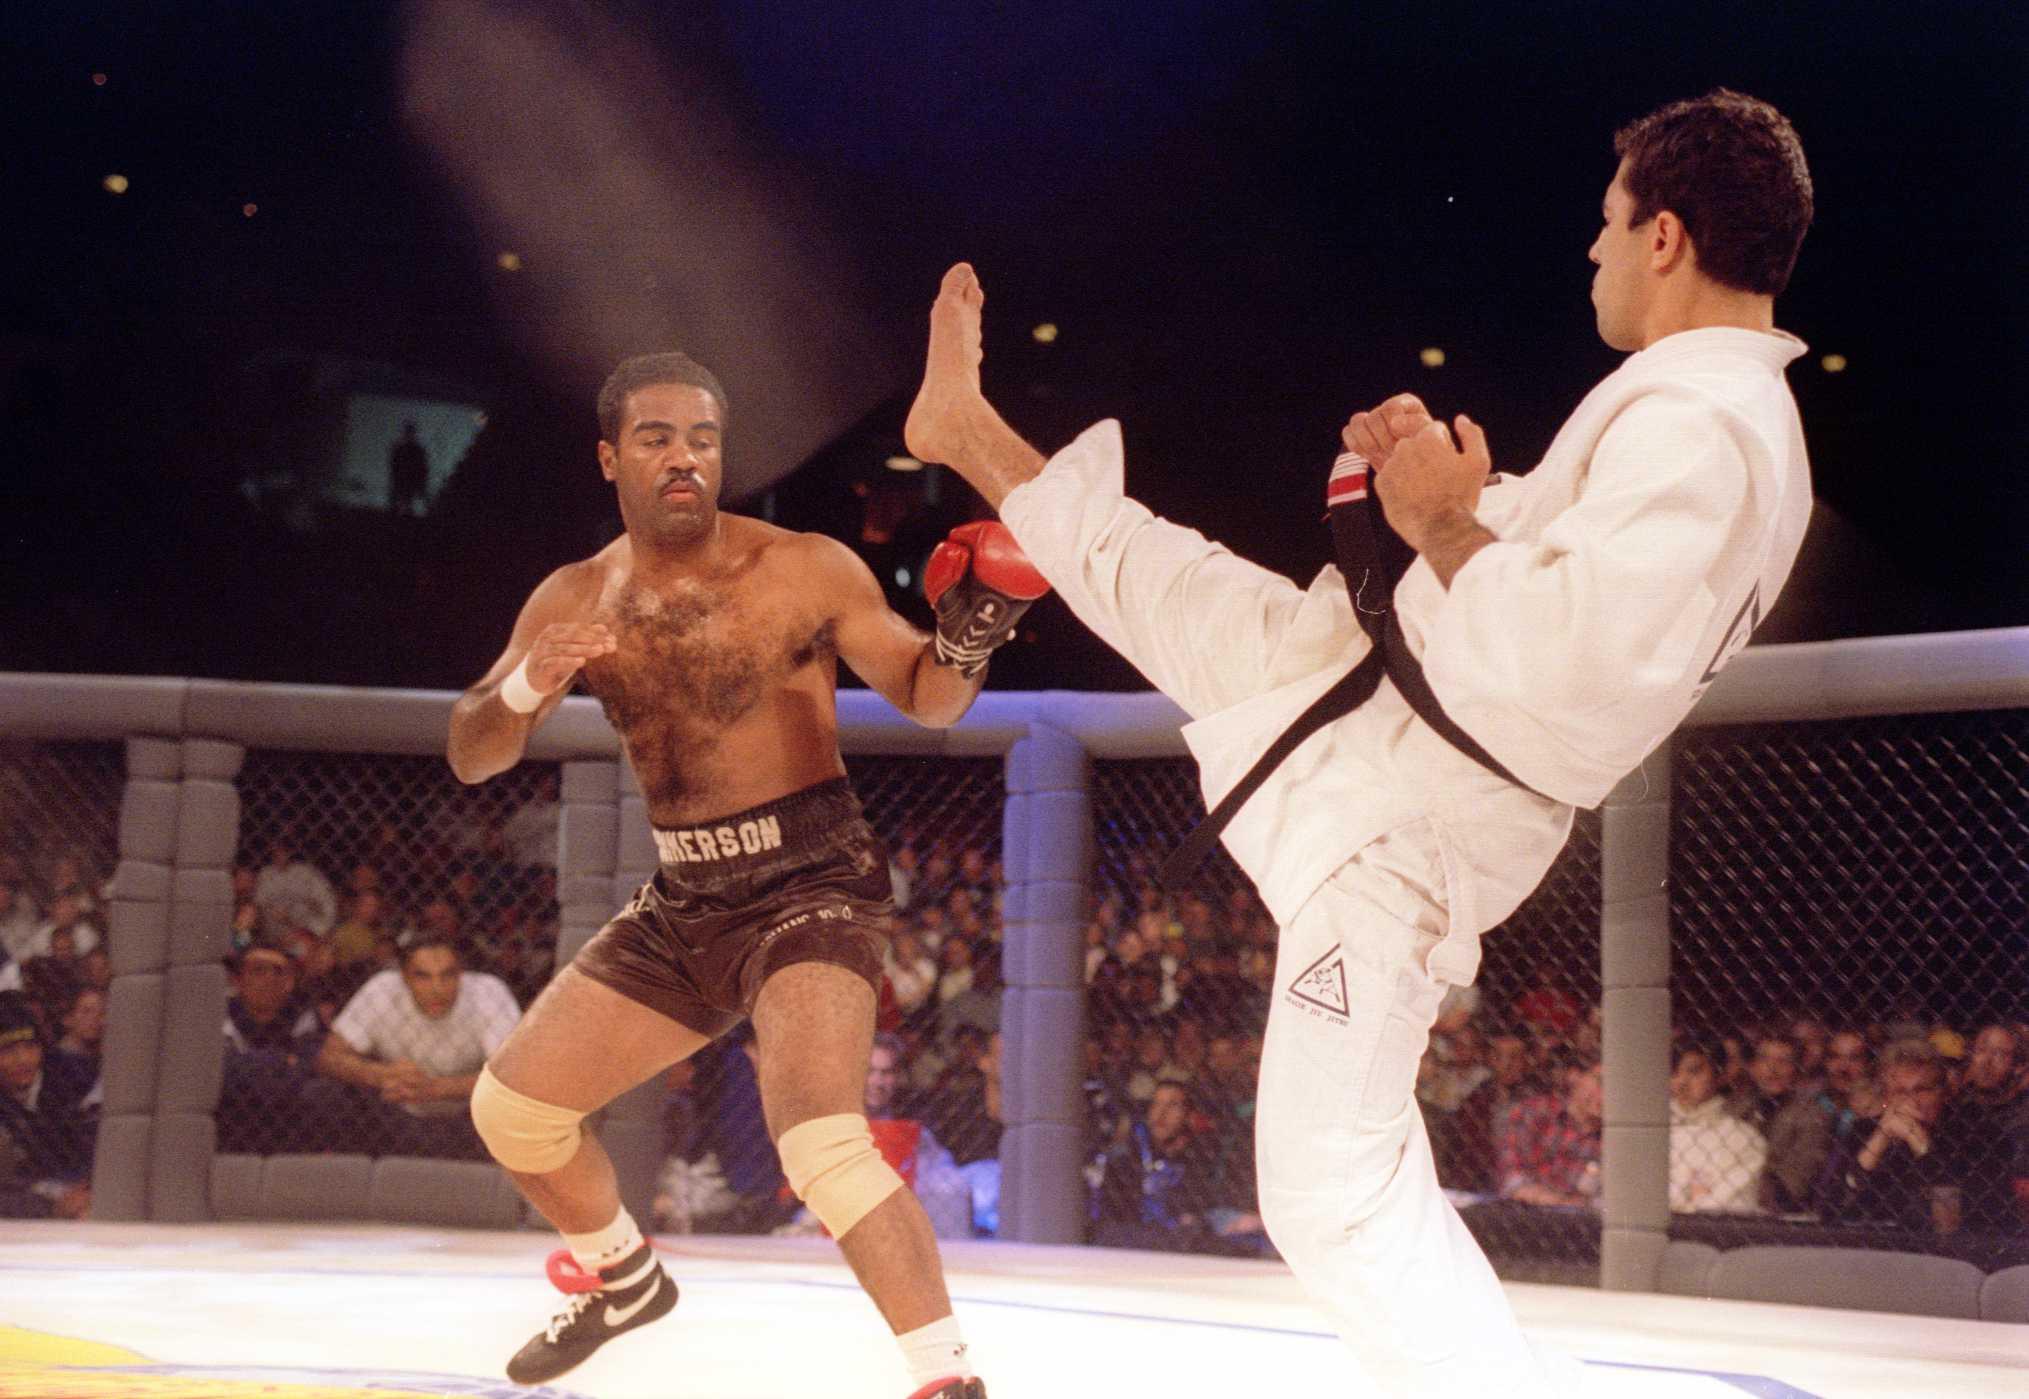 През 1993 организацията UFC провежда първото си състезание. И въпреки че дните на панкратиона отдавна са отминали, правилата, по които се бият участниците са доста сходни. В състезанието не са определени различни категории, няма рундове, нито съдии, а единствените правила били тези от времето на Древна Гърция – без хапане и бъркане в очите, в противен случай участниците трябвало да платят 1500 долара глоба.